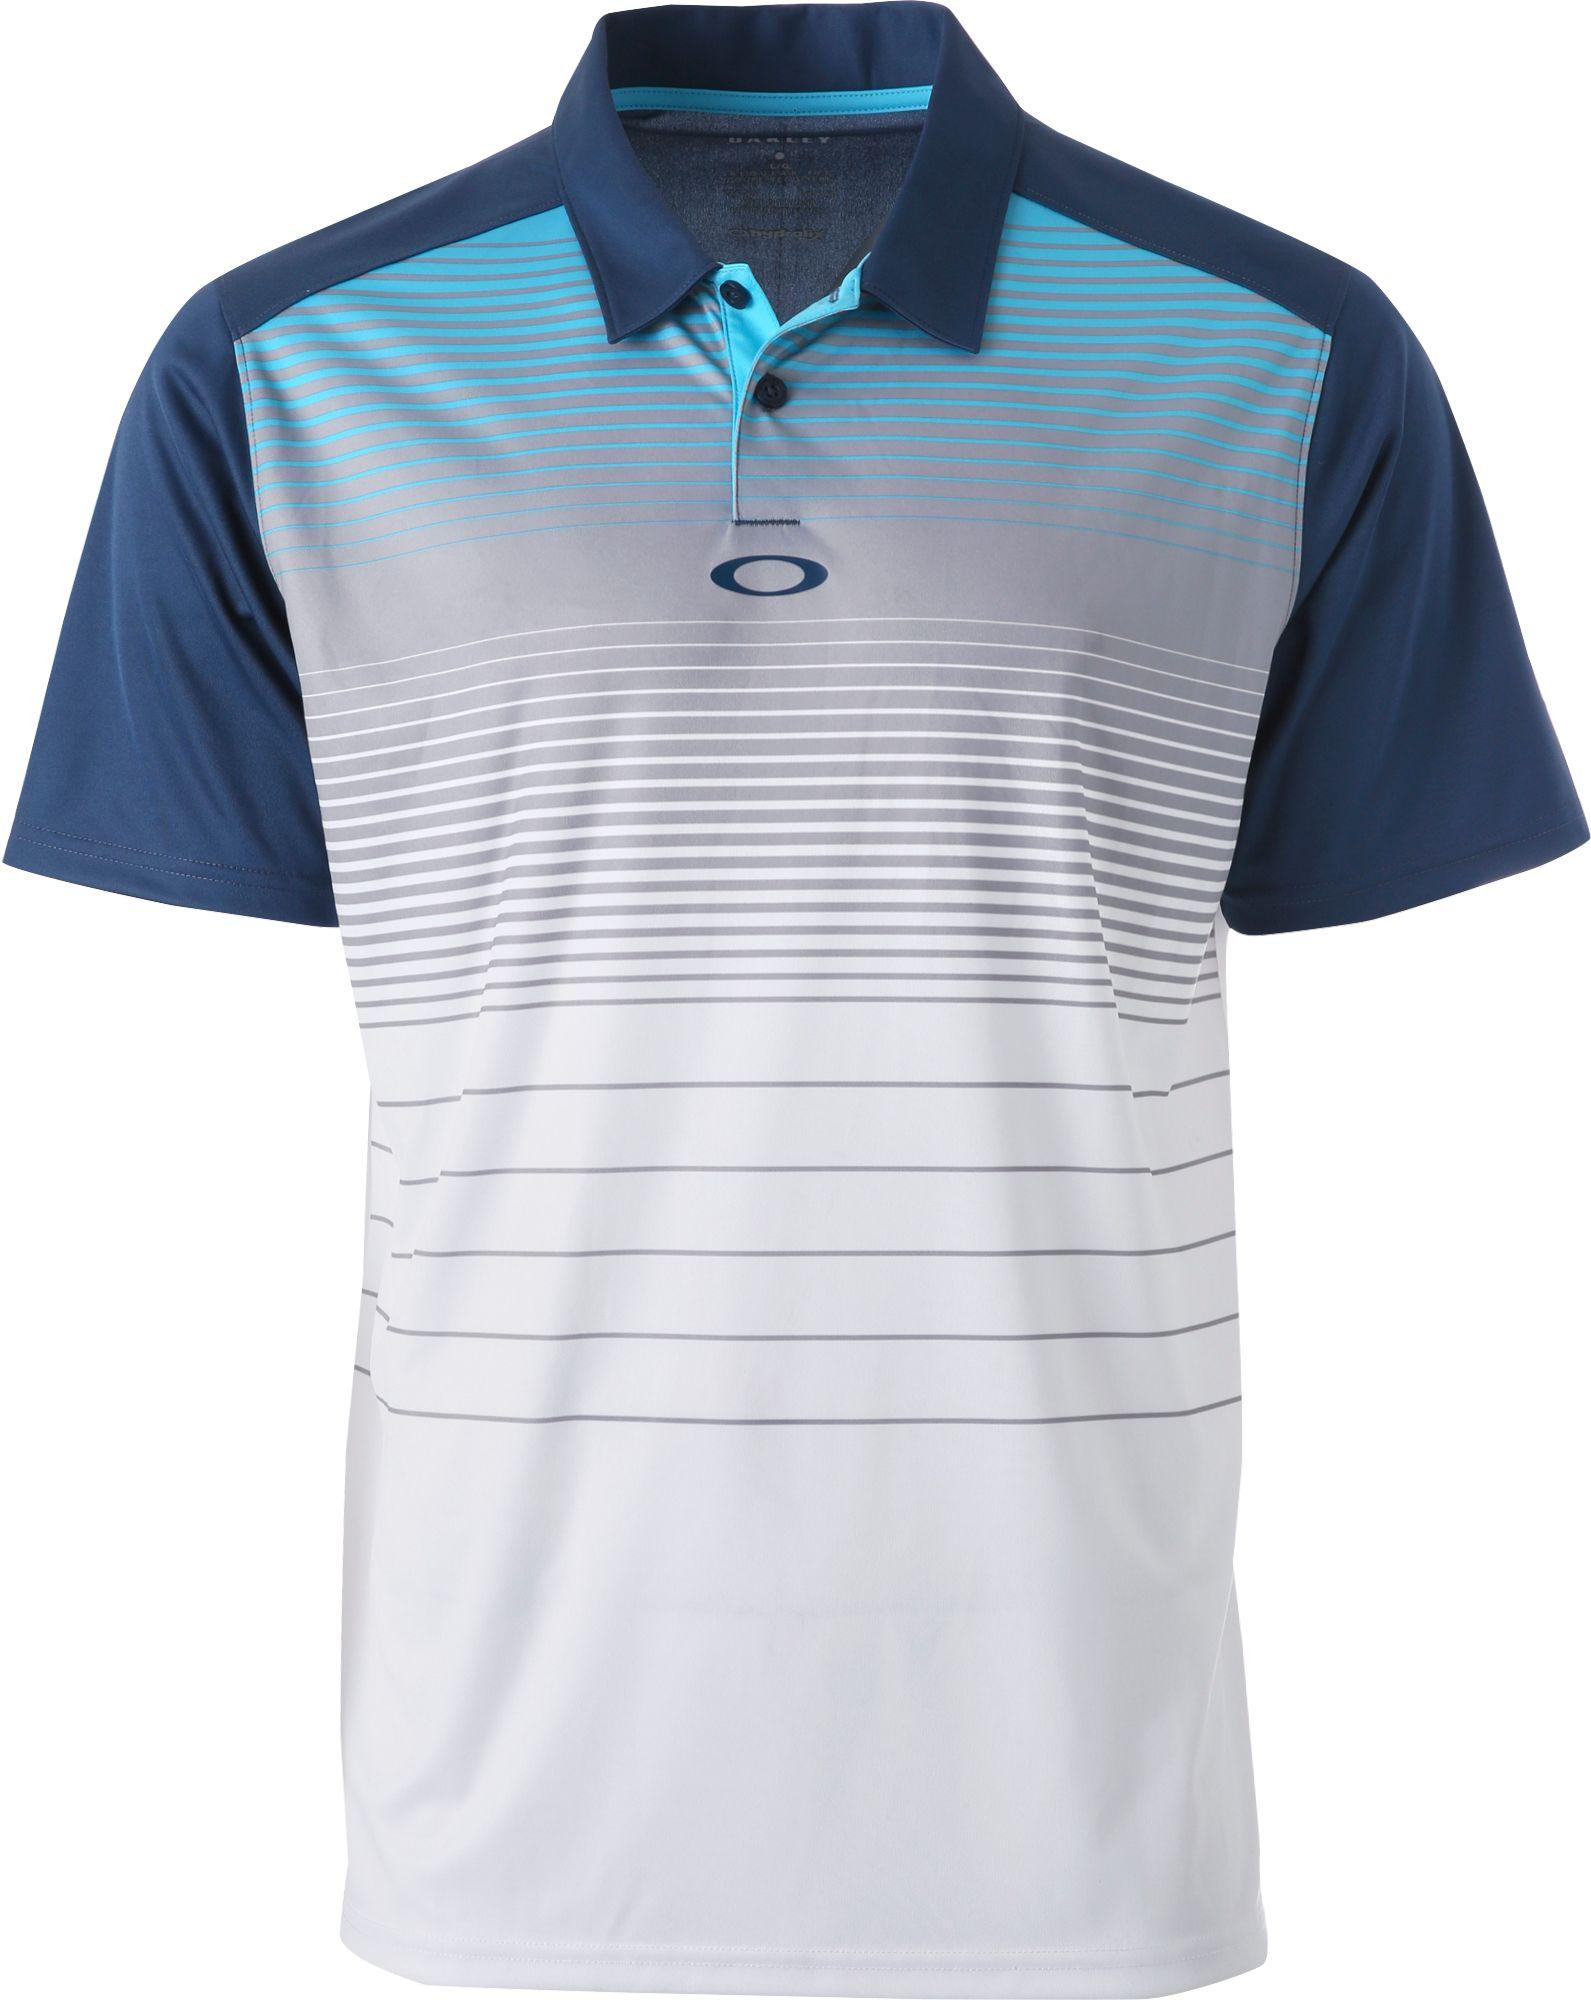 oakley clearance glbd  oakley golf apparel clearance